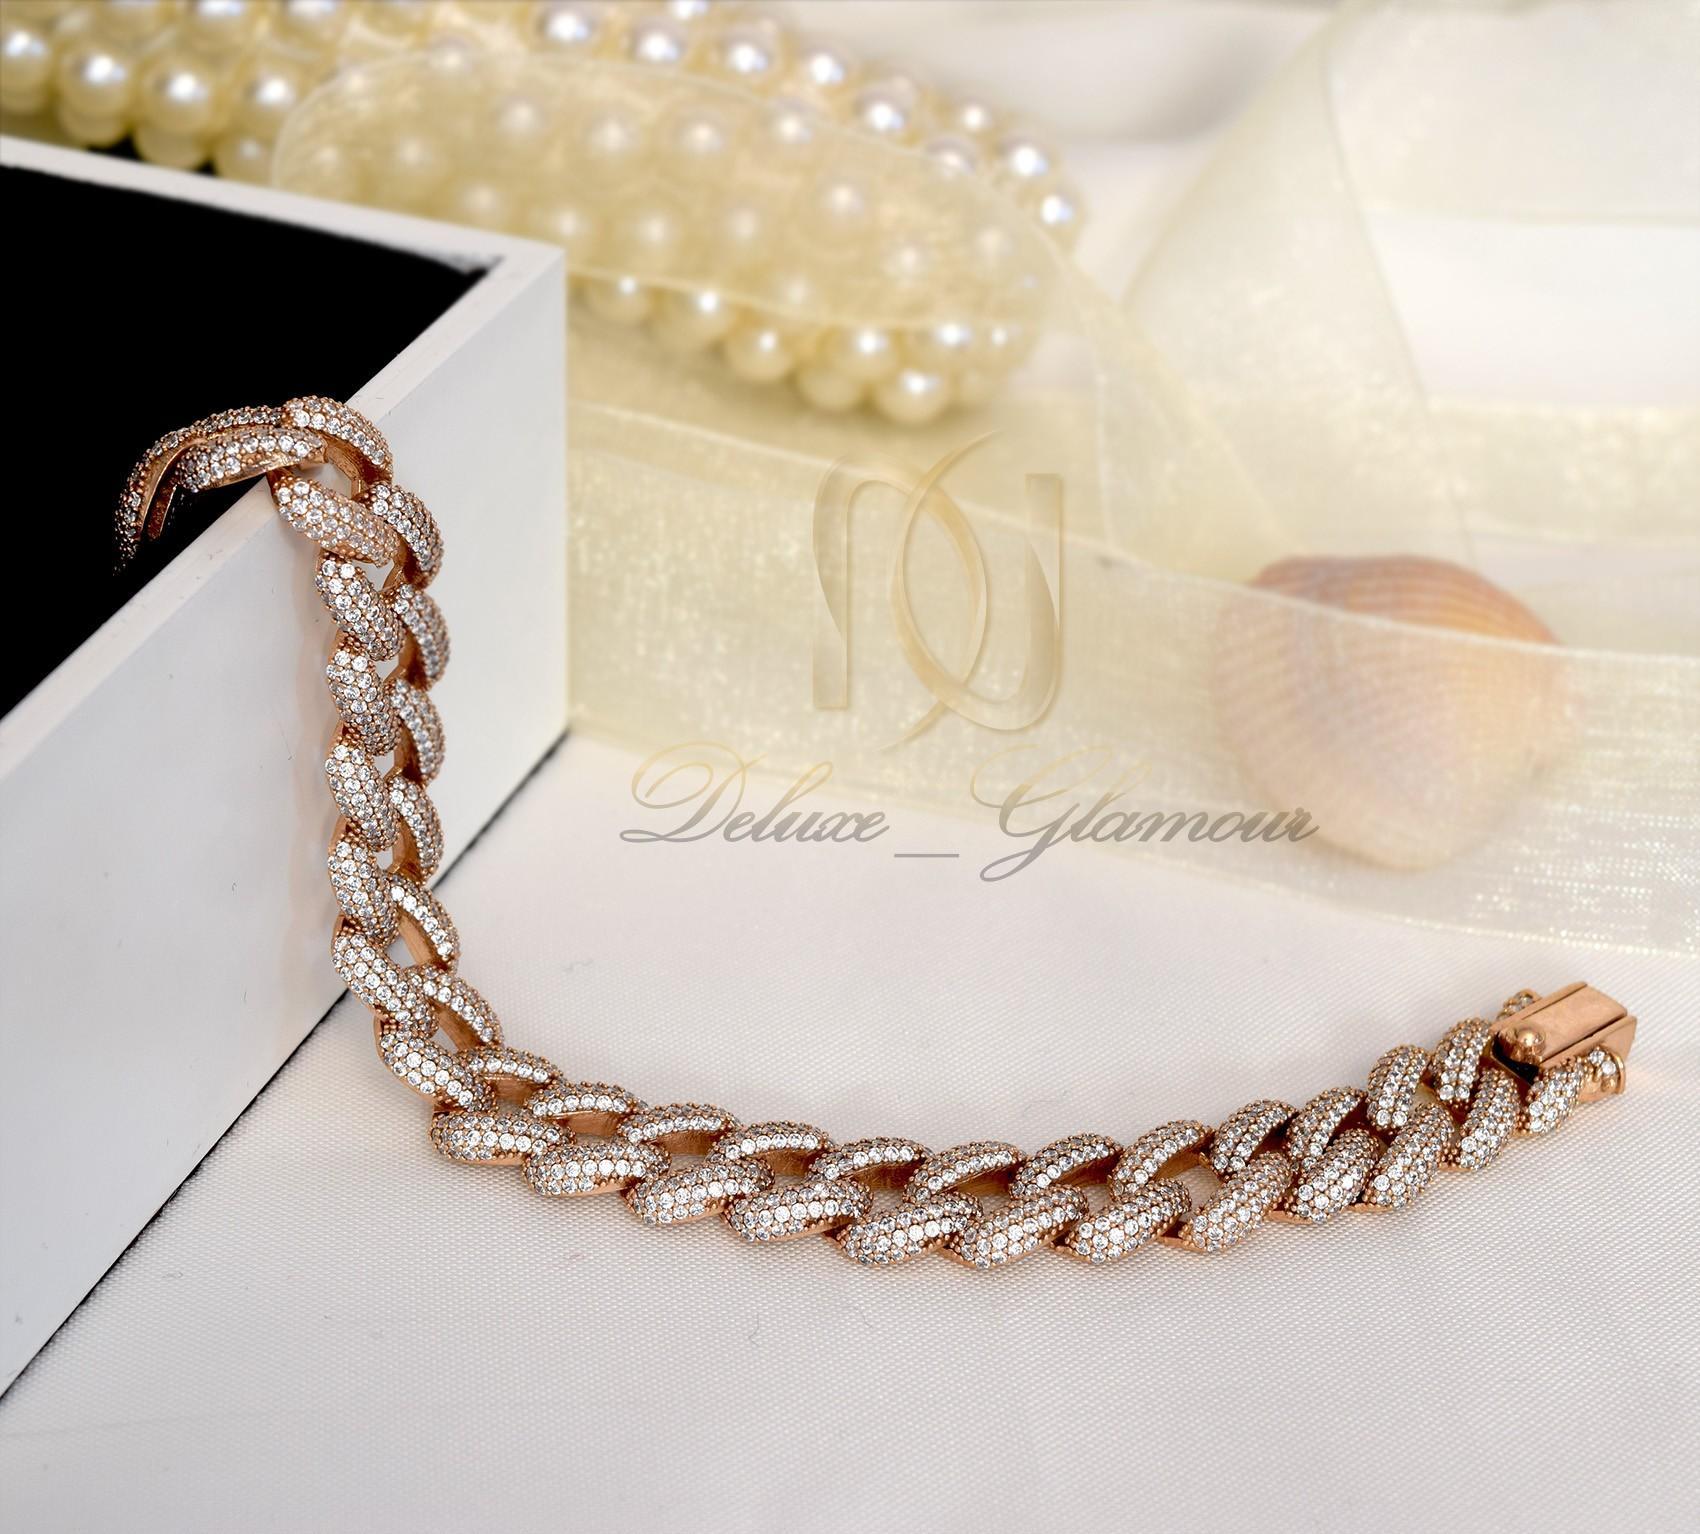 دستبند نقره زنانه رزگلد کارتیه Ds-n308 (2)